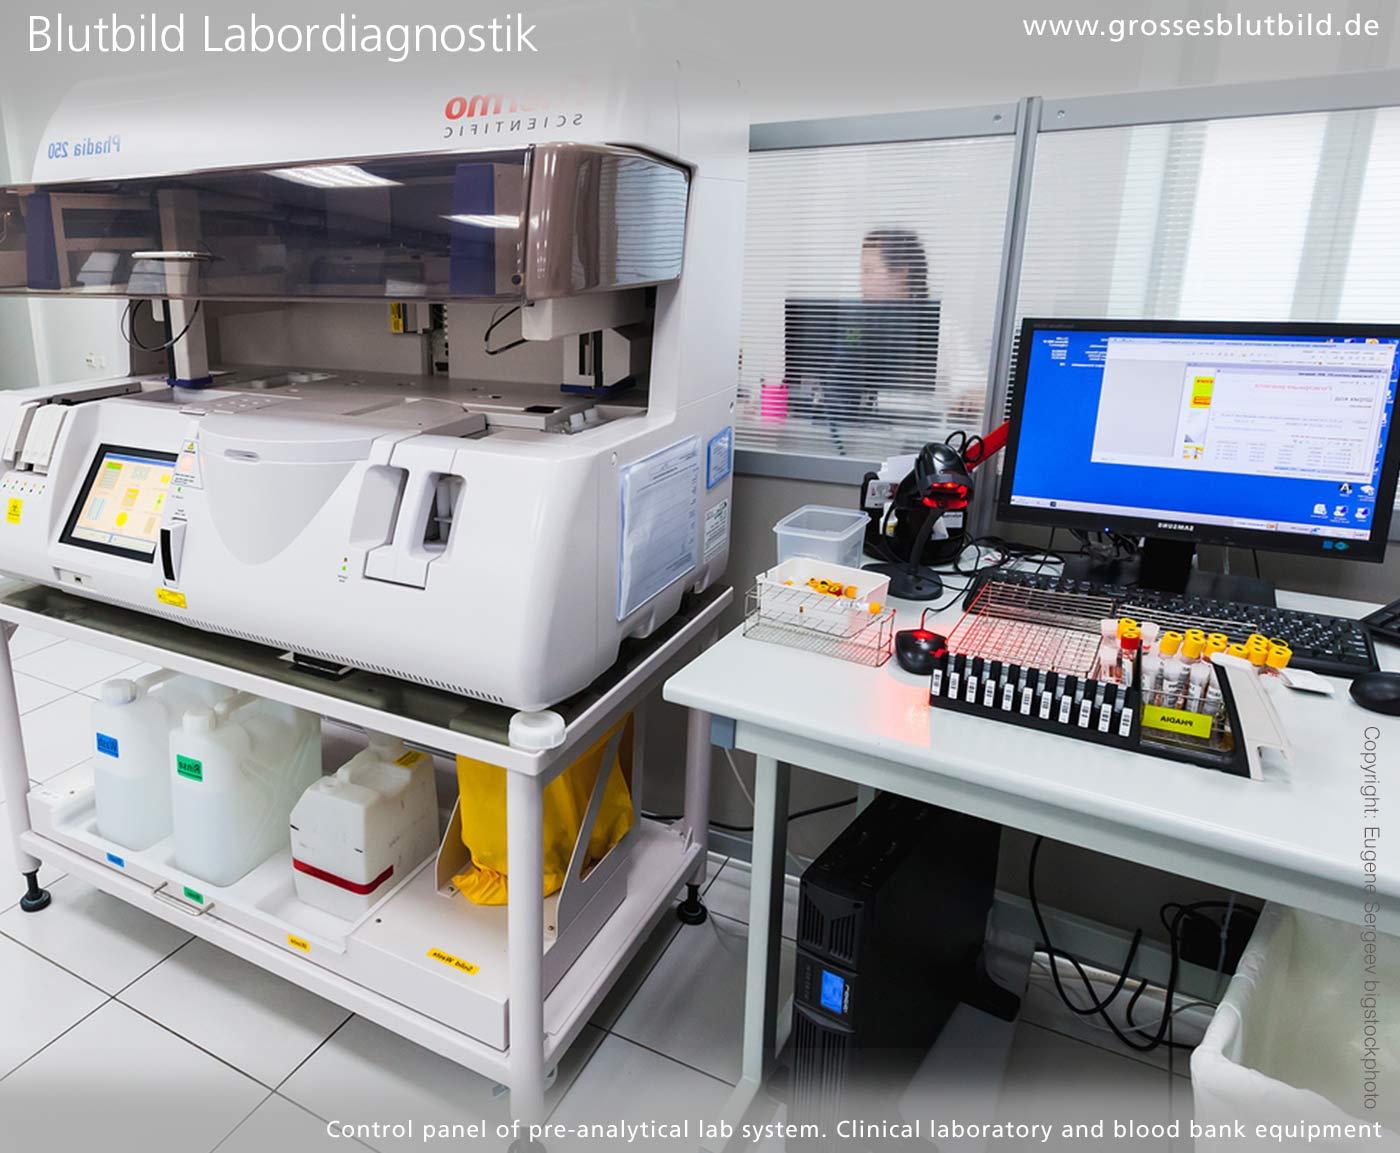 Blutbild Einheiten im Labor